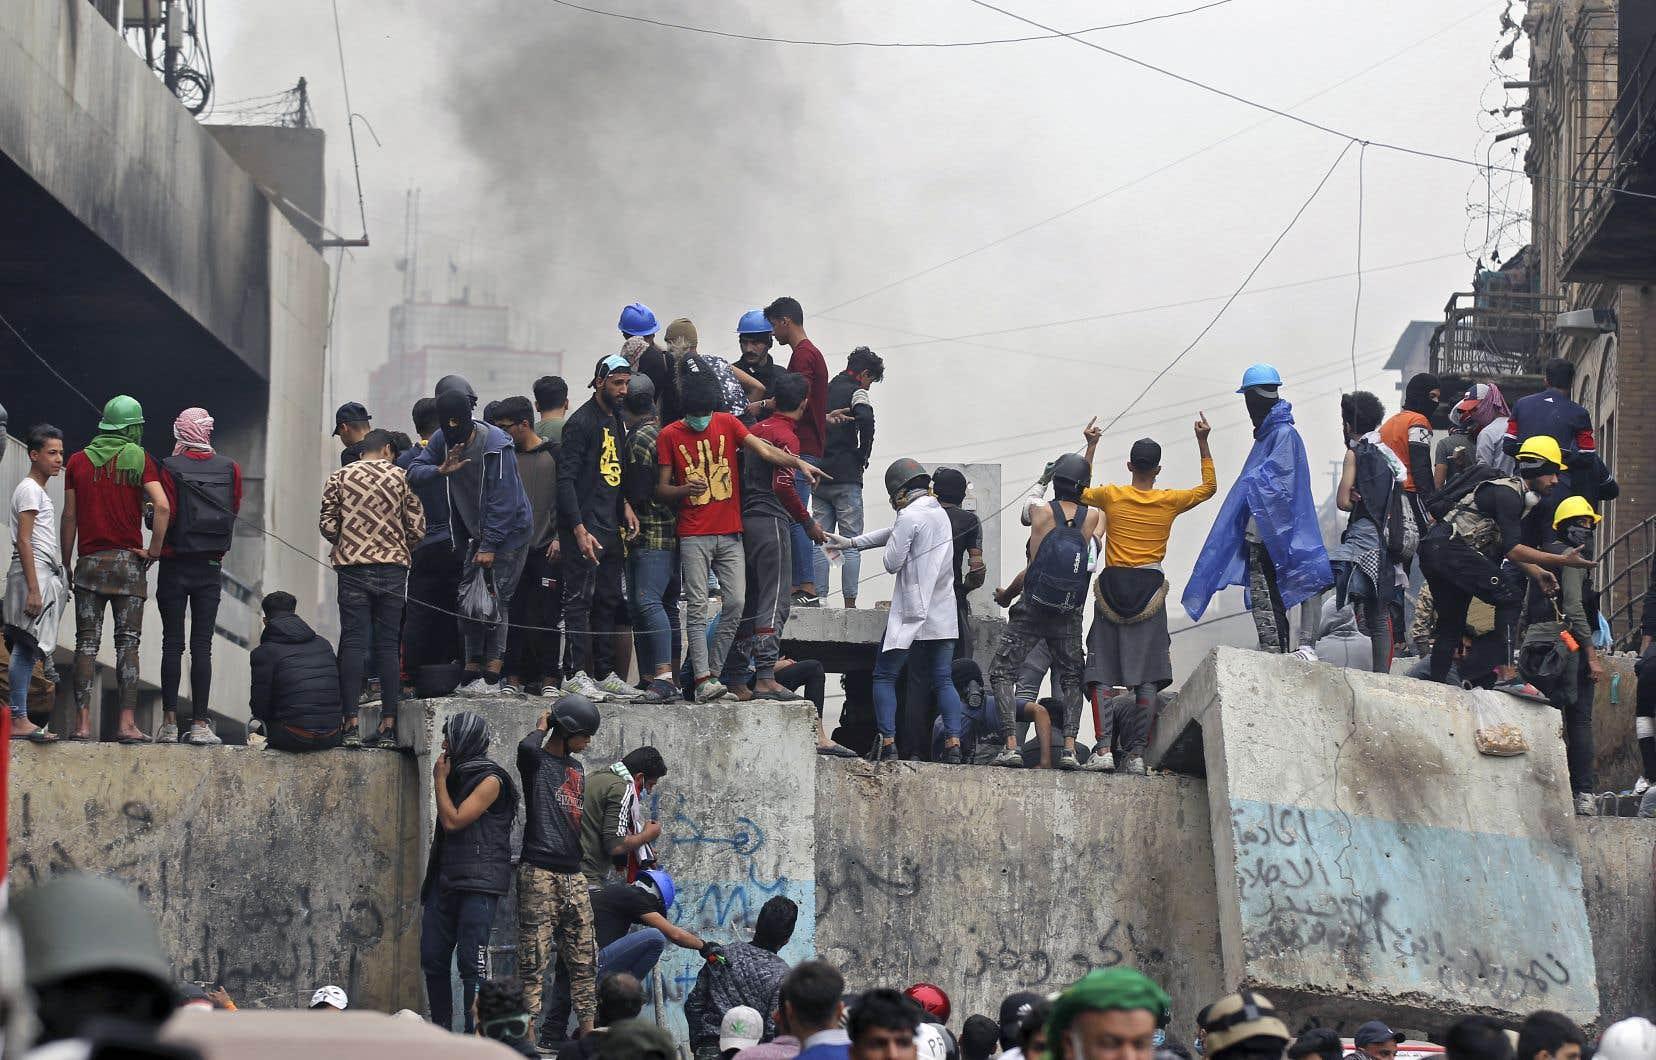 Des affrontements entre les contestataires et les forces de l'ordre ont éclaté, jeudi, dans plusieurs villes du pays, notamment à Bagdad.